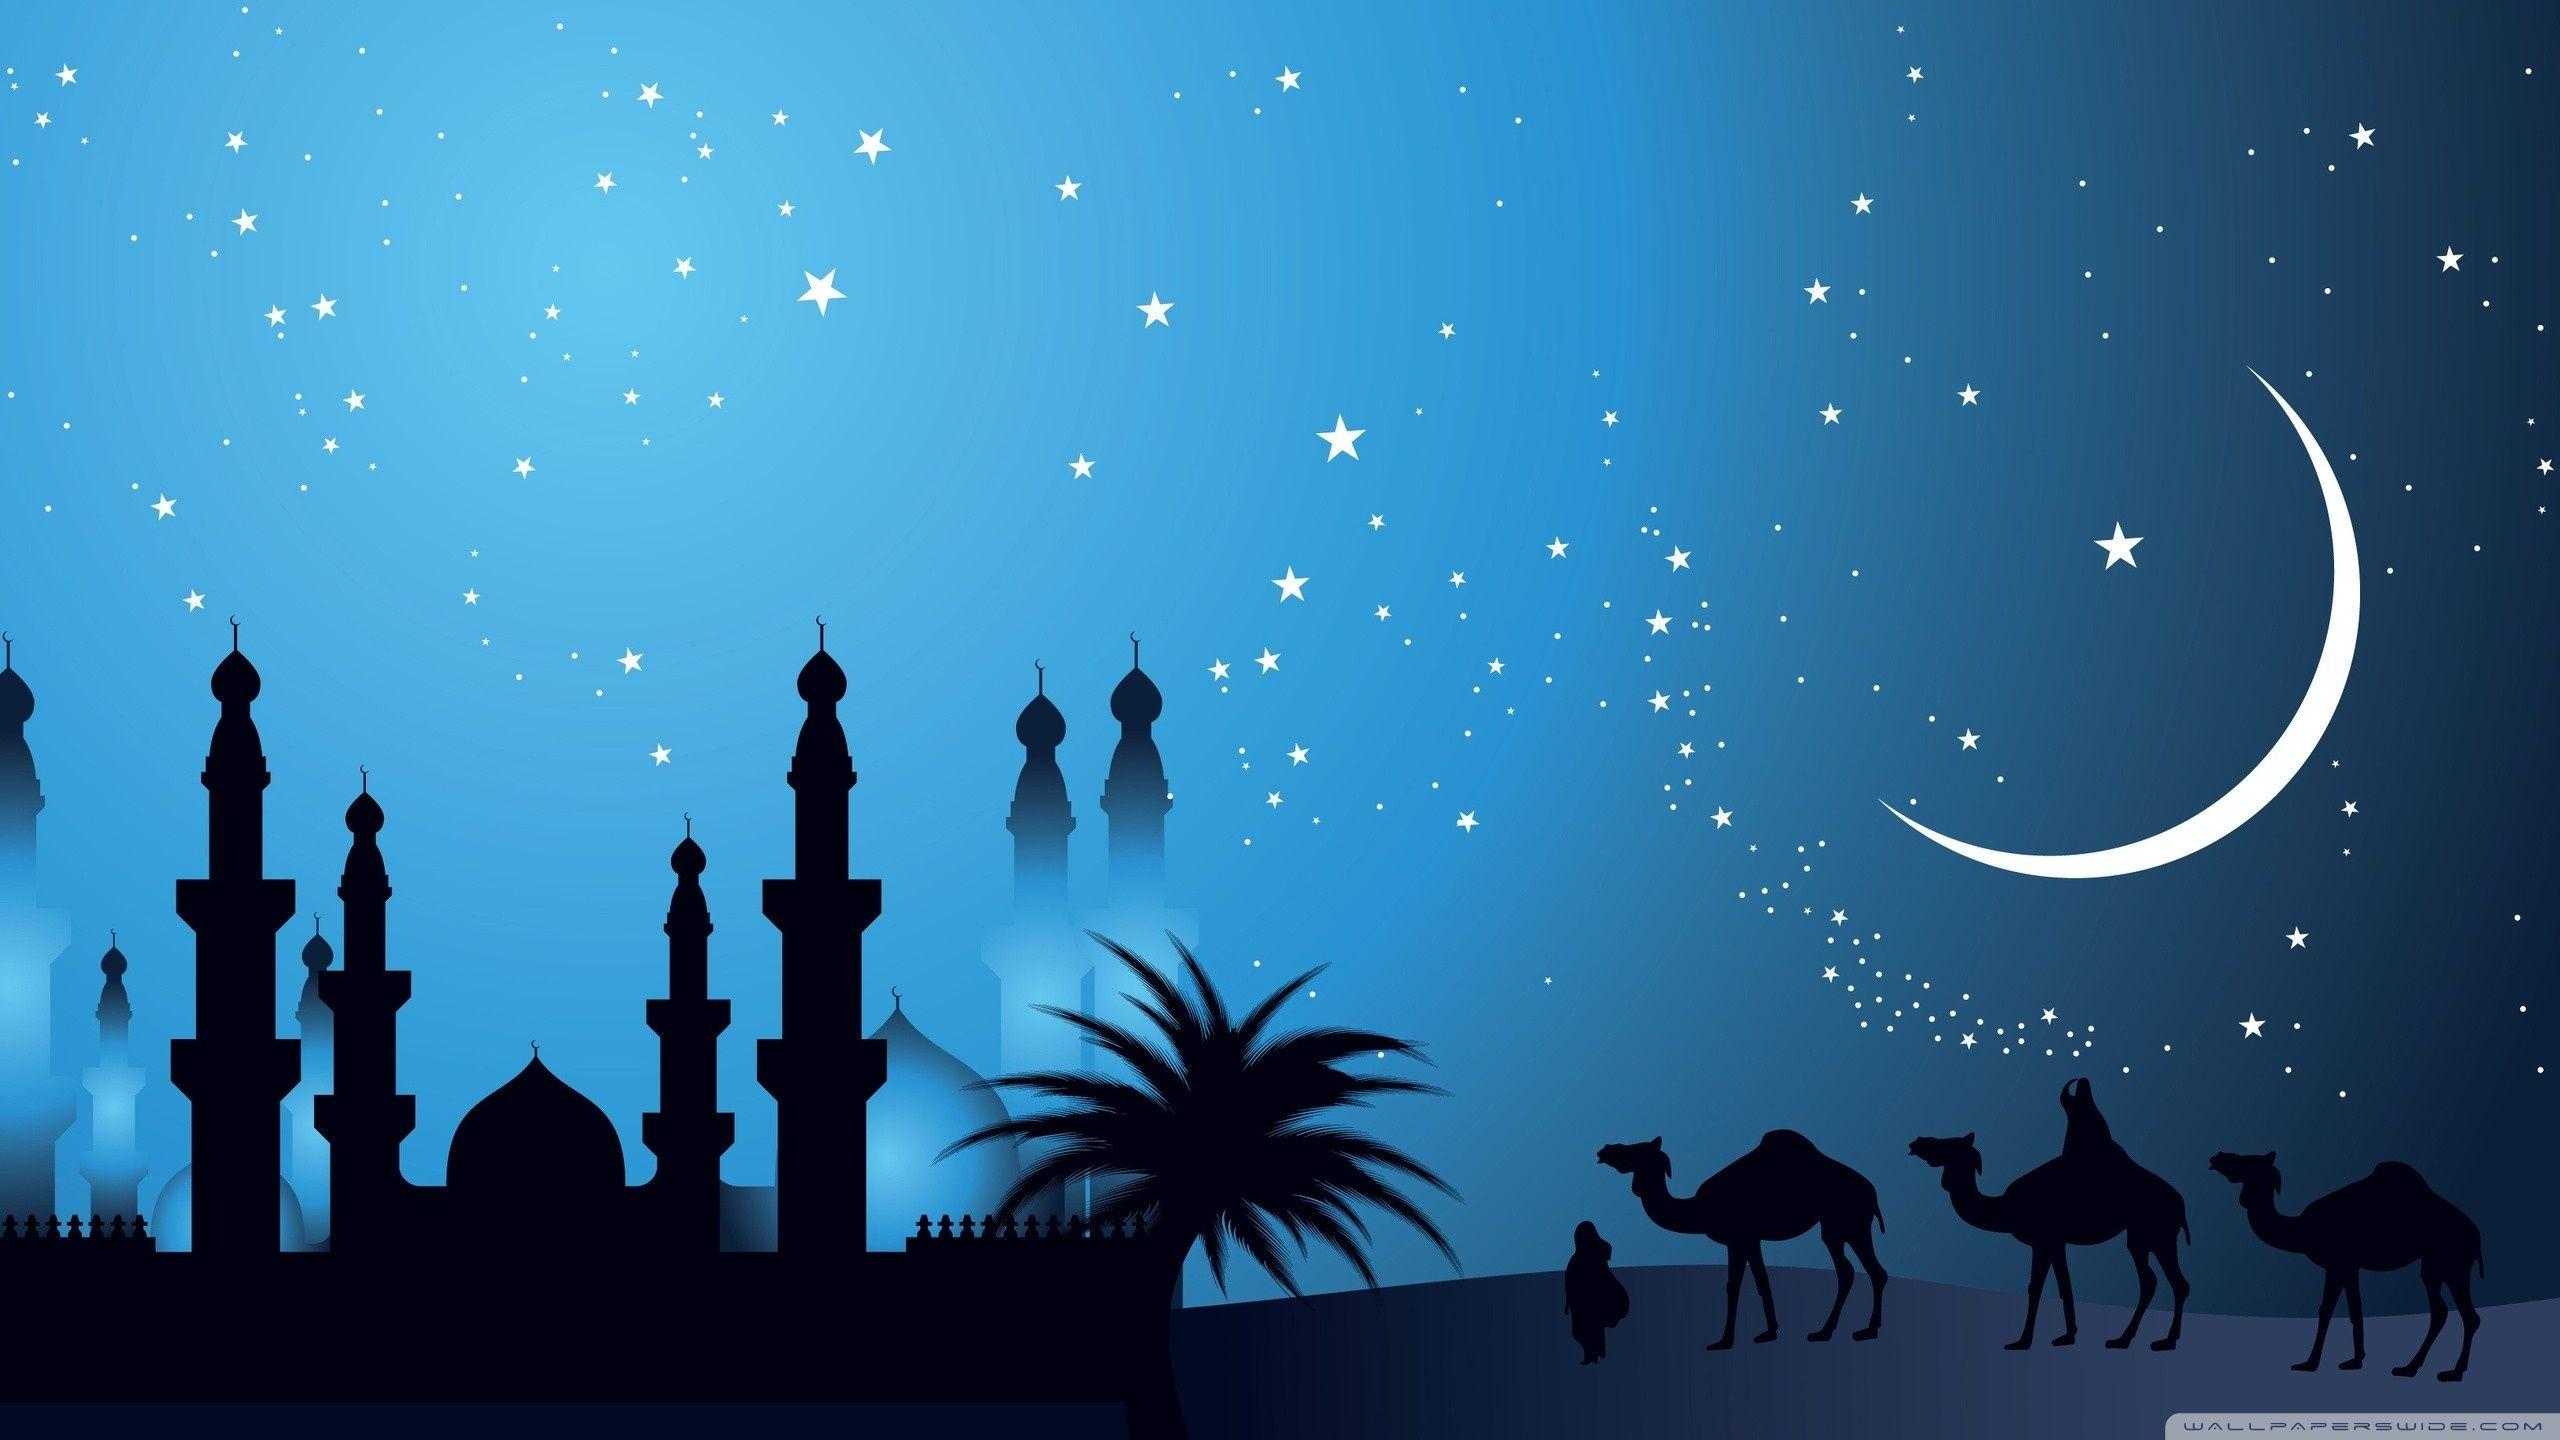 Arabian Desktop Wallpapers   Top Arabian Desktop Backgrounds 2560x1440